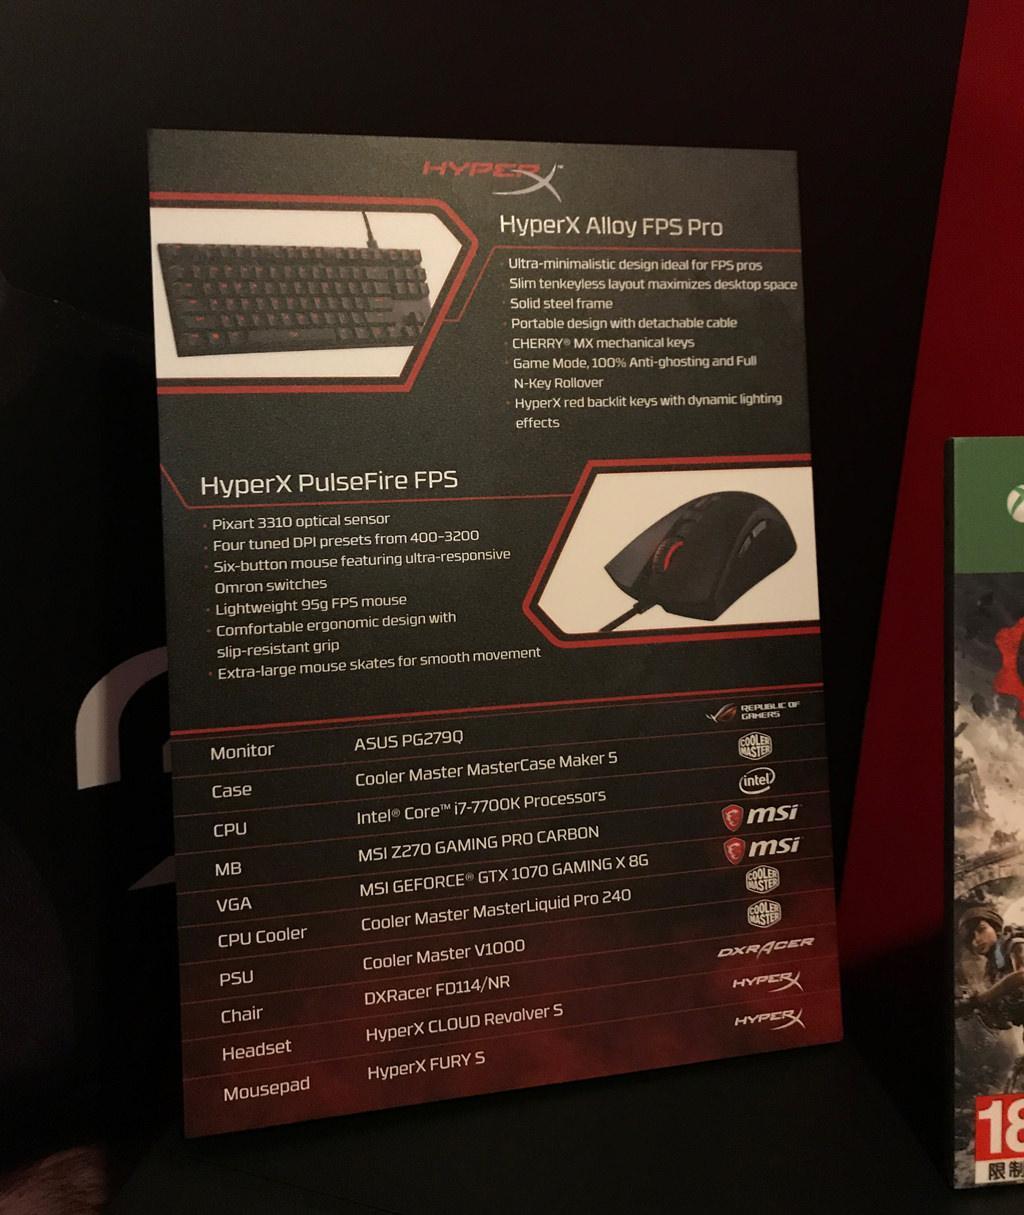 HyperX Alloy FPS Pro 1